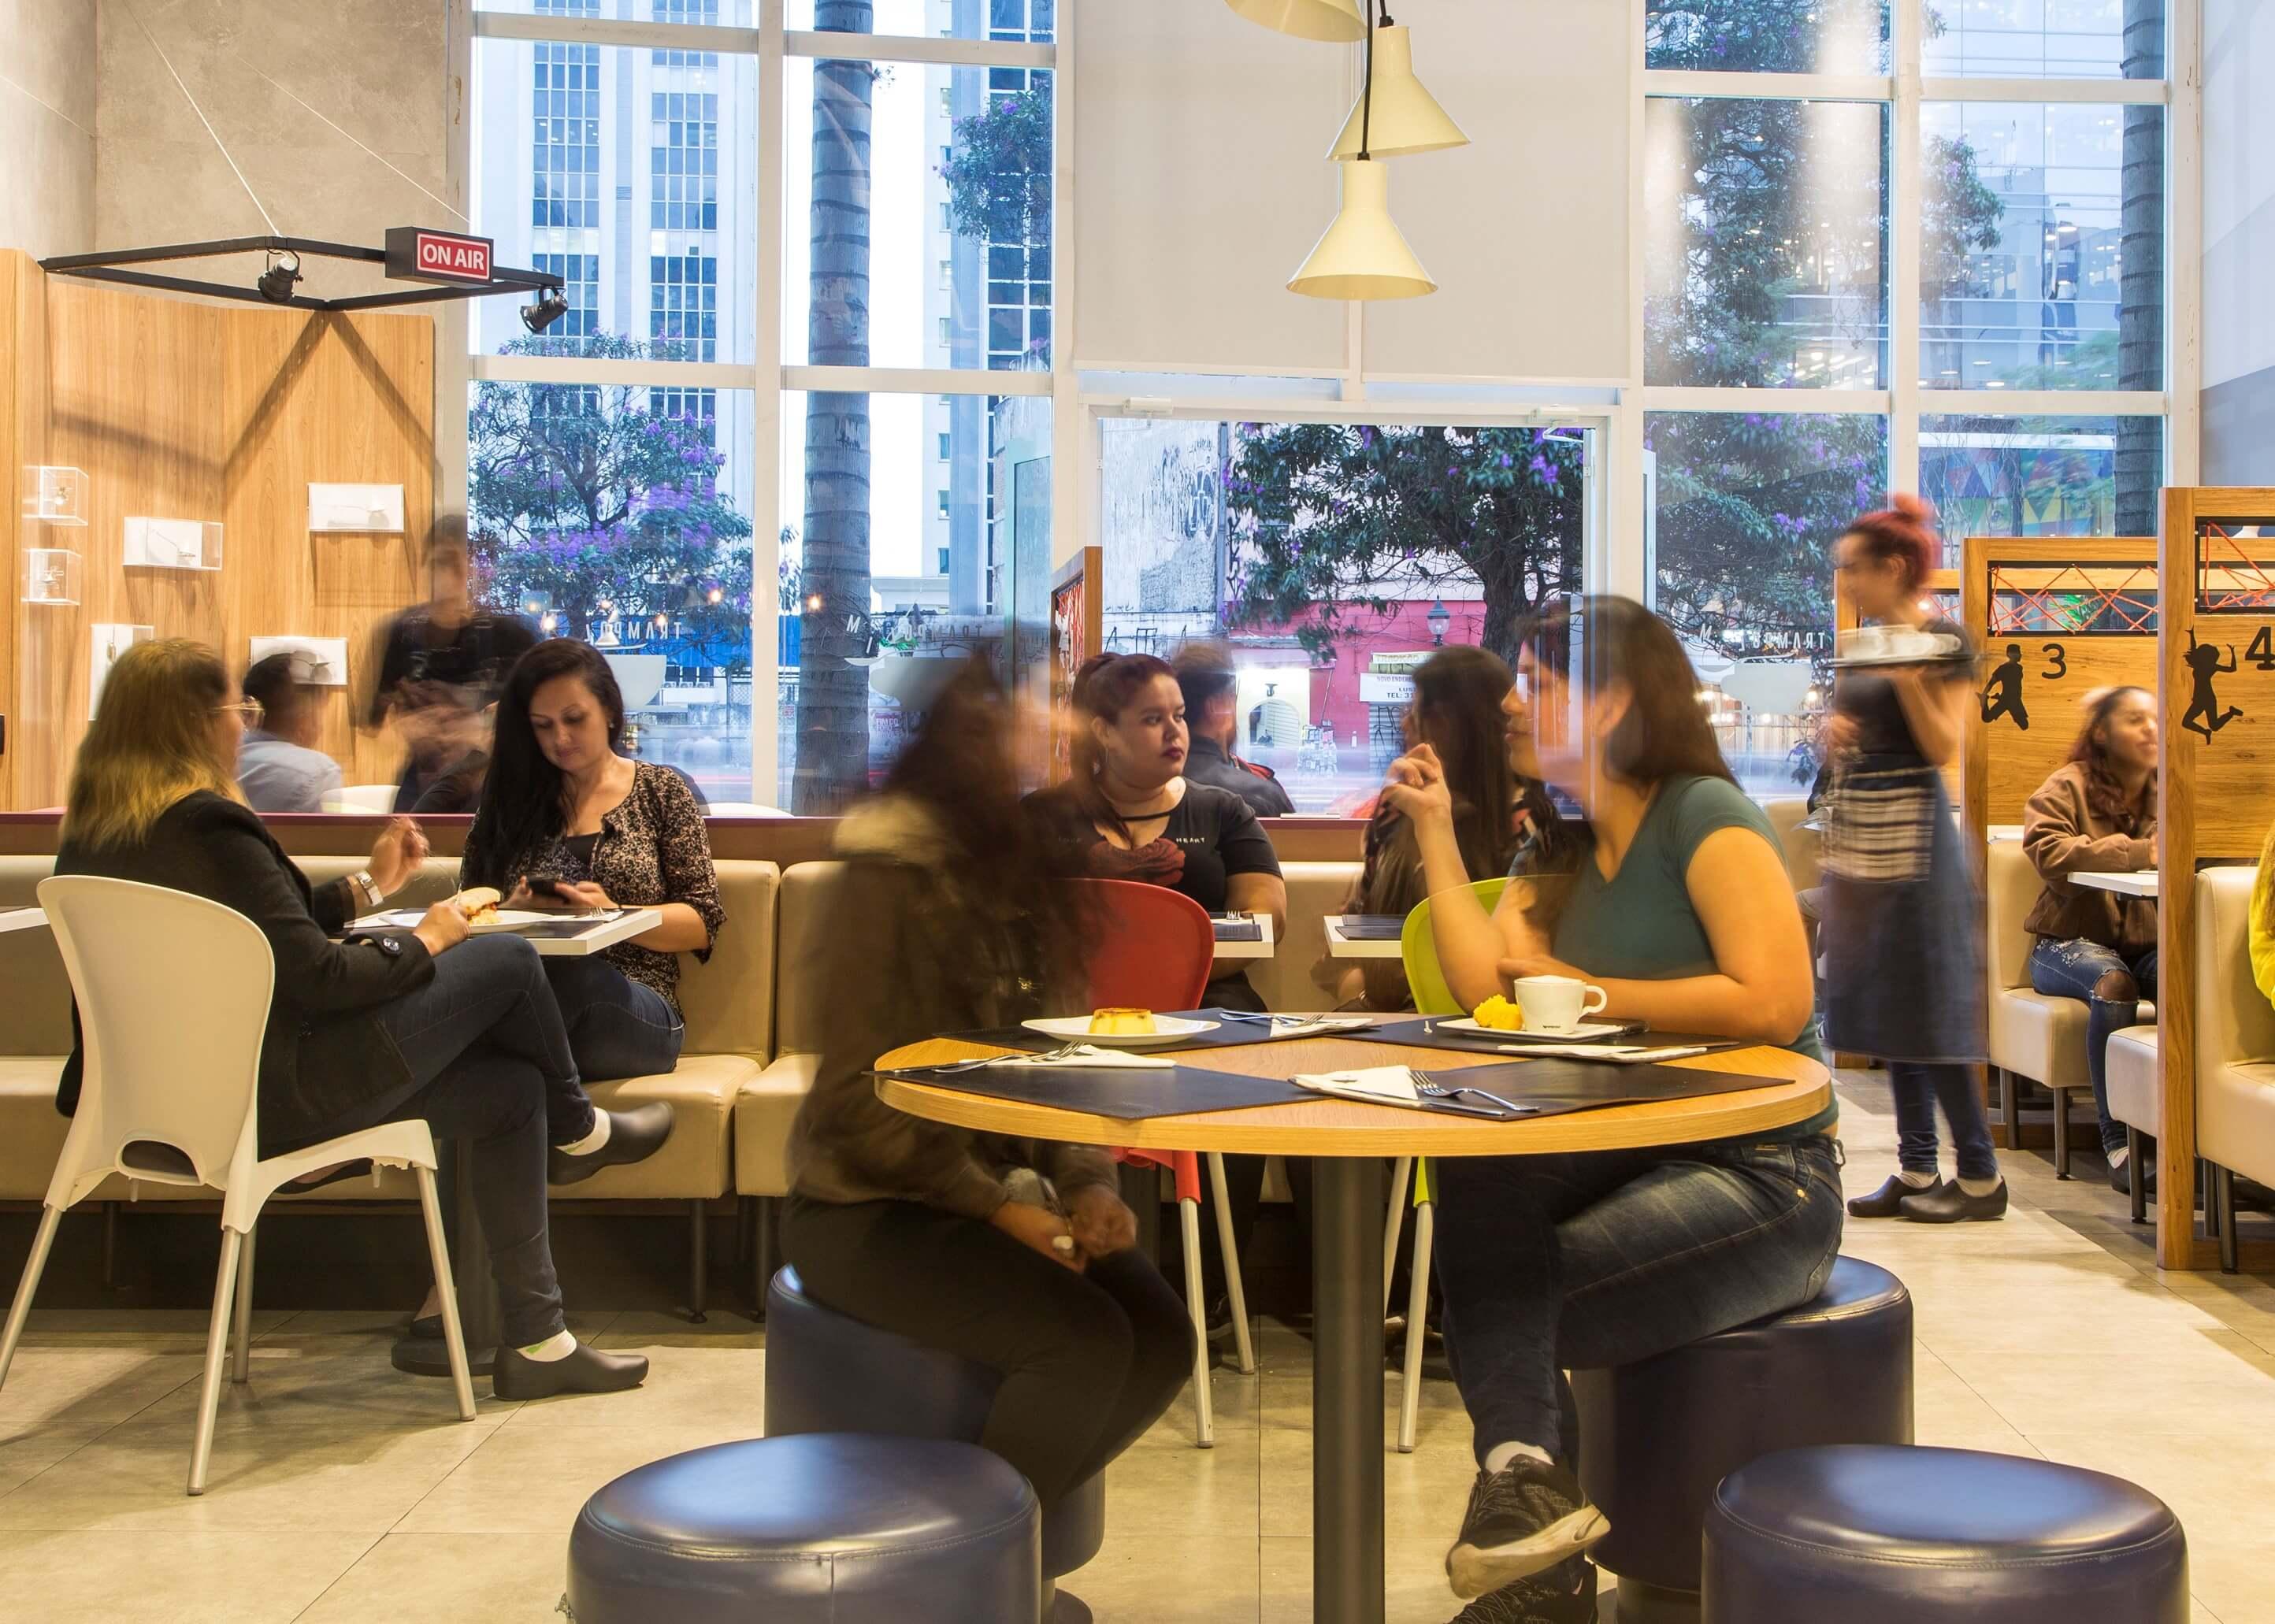 Restaurantes na Paulista e Consolação: 30 dicas